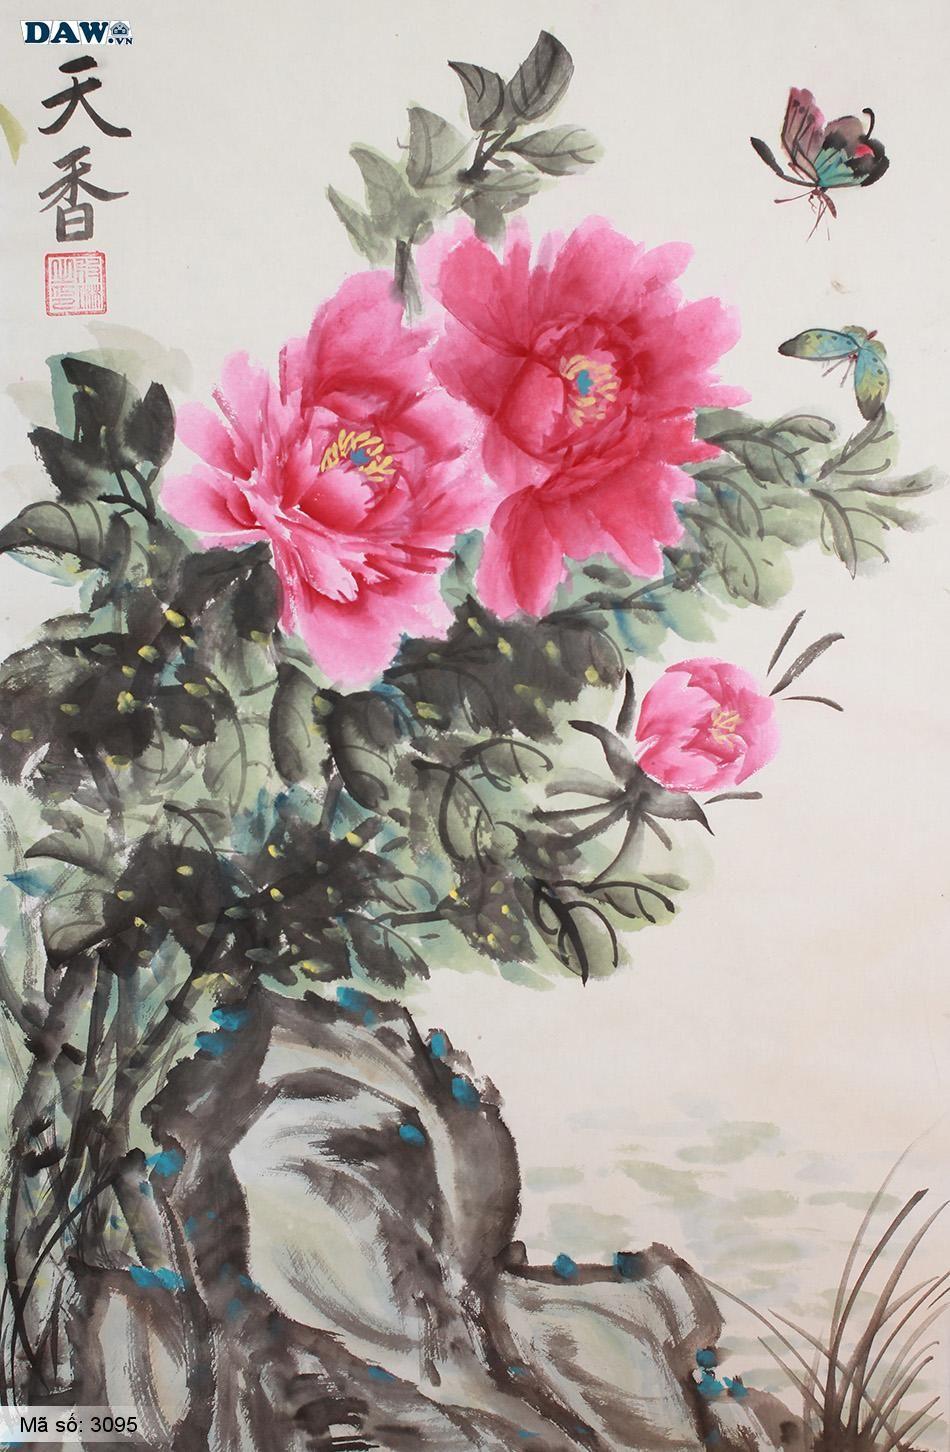 3095 Tranh dán tường Hàn Quốc | Tranh dán tường hoa lá 3095